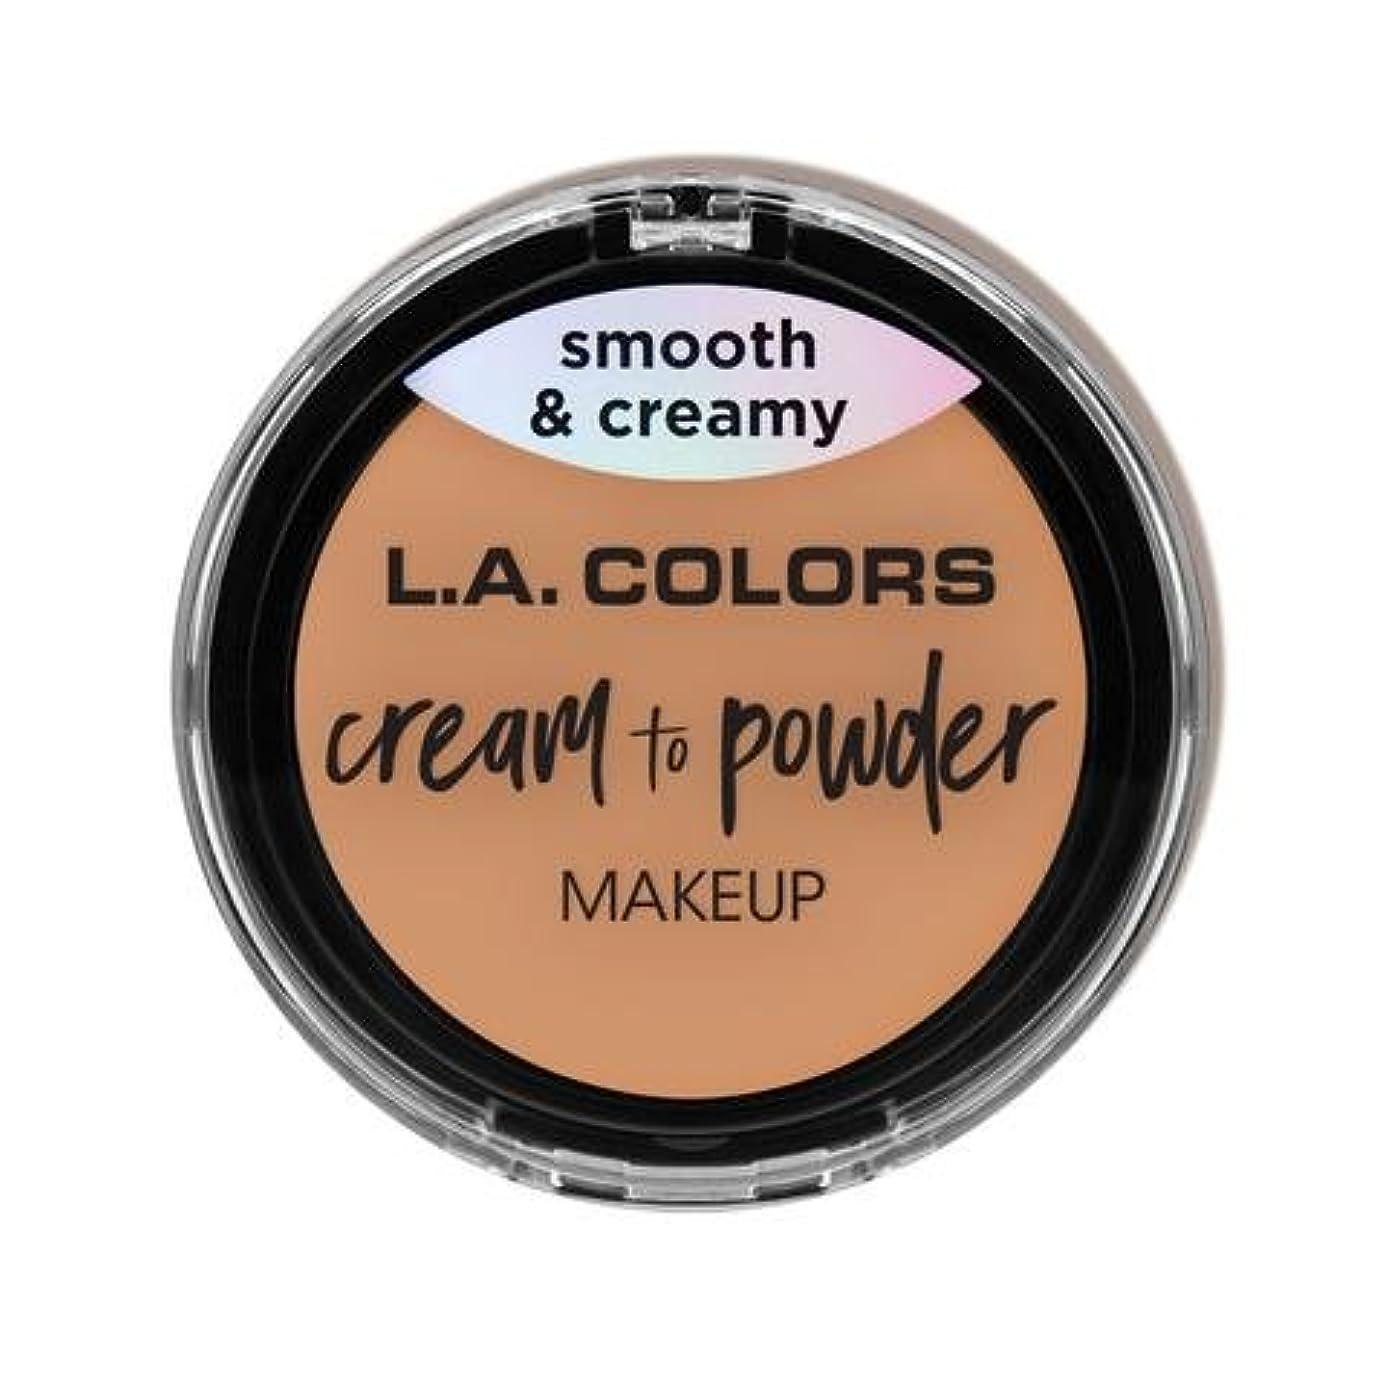 ジャズ駅ゆるく(3 Pack) L.A. COLORS Cream To Powder Foundation - Natural (並行輸入品)